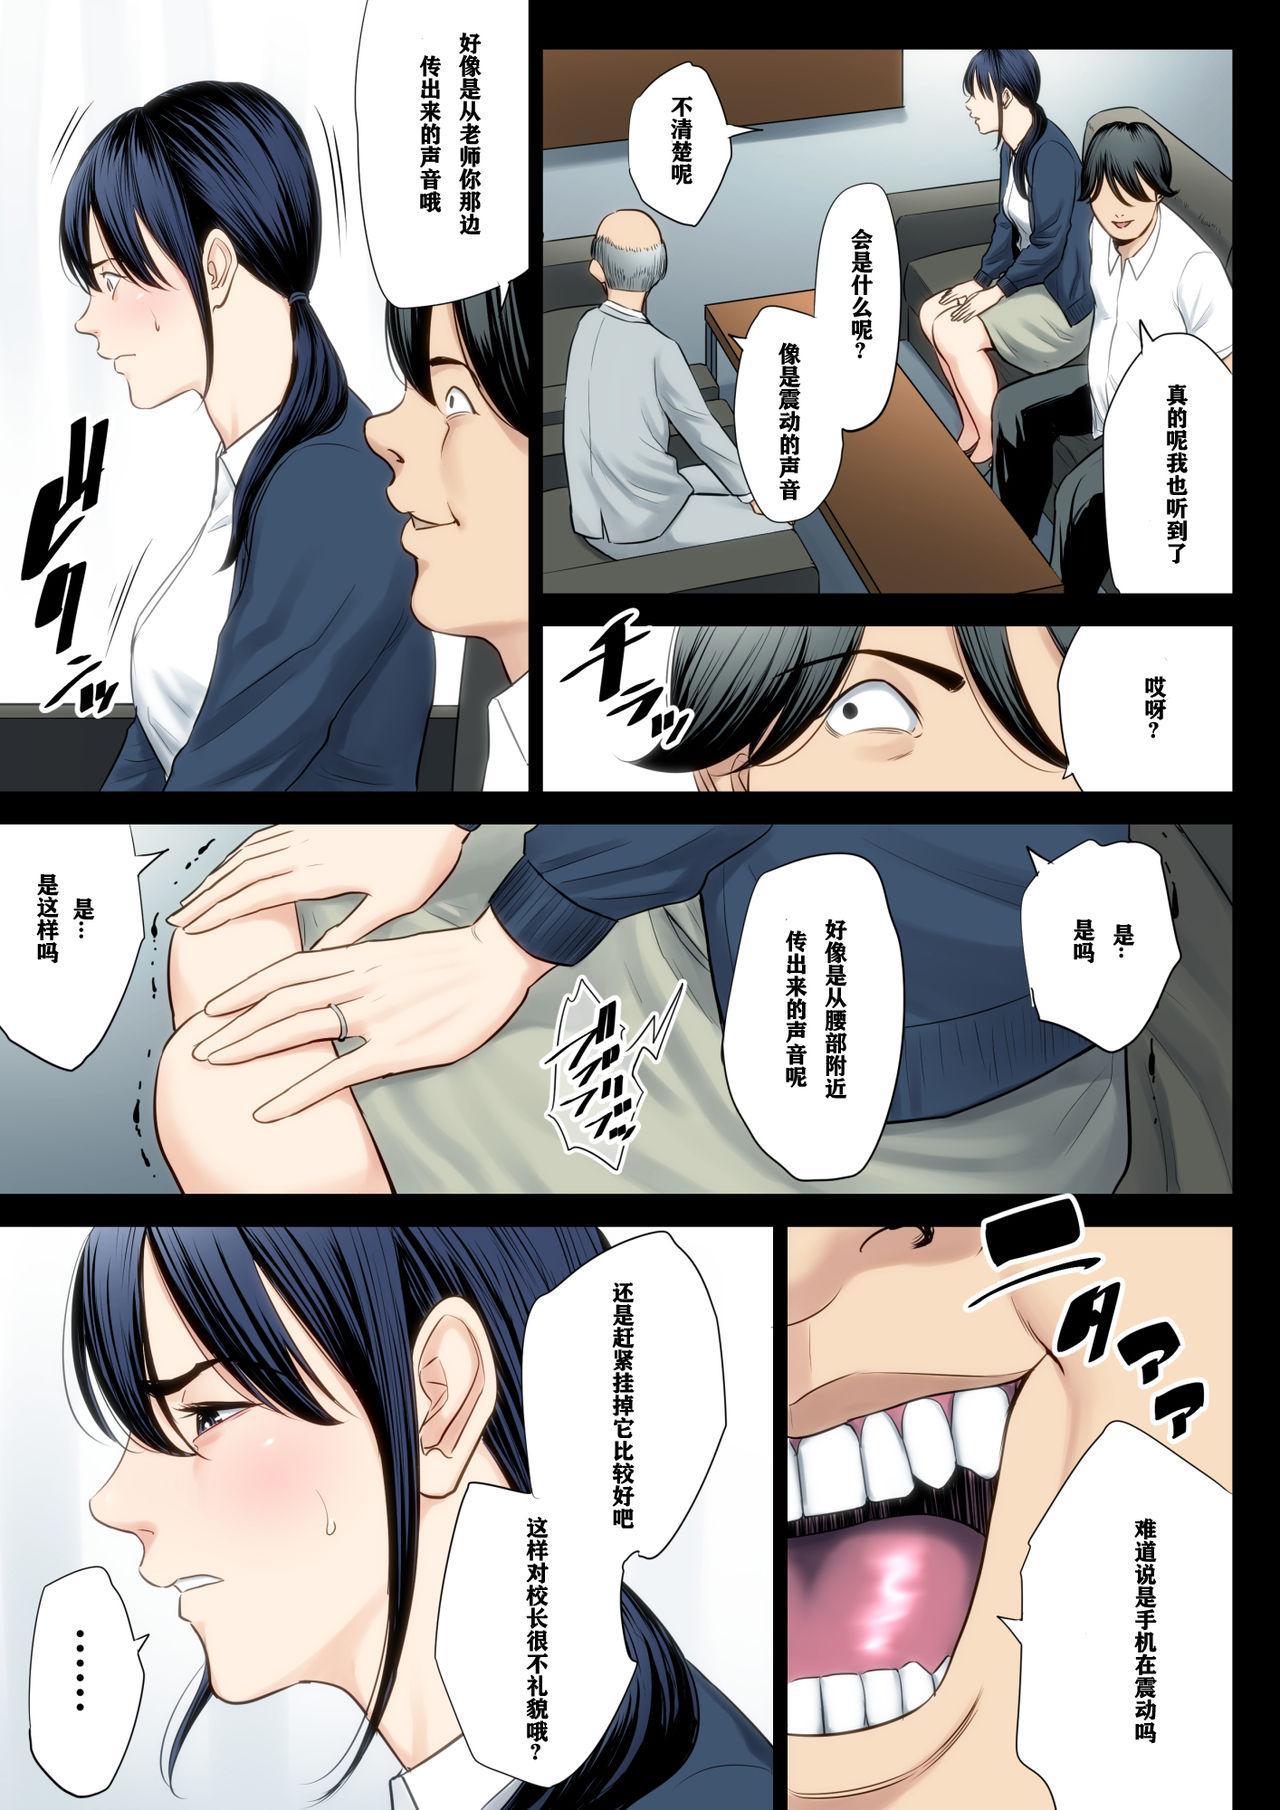 Hametsu no Itte 3 5